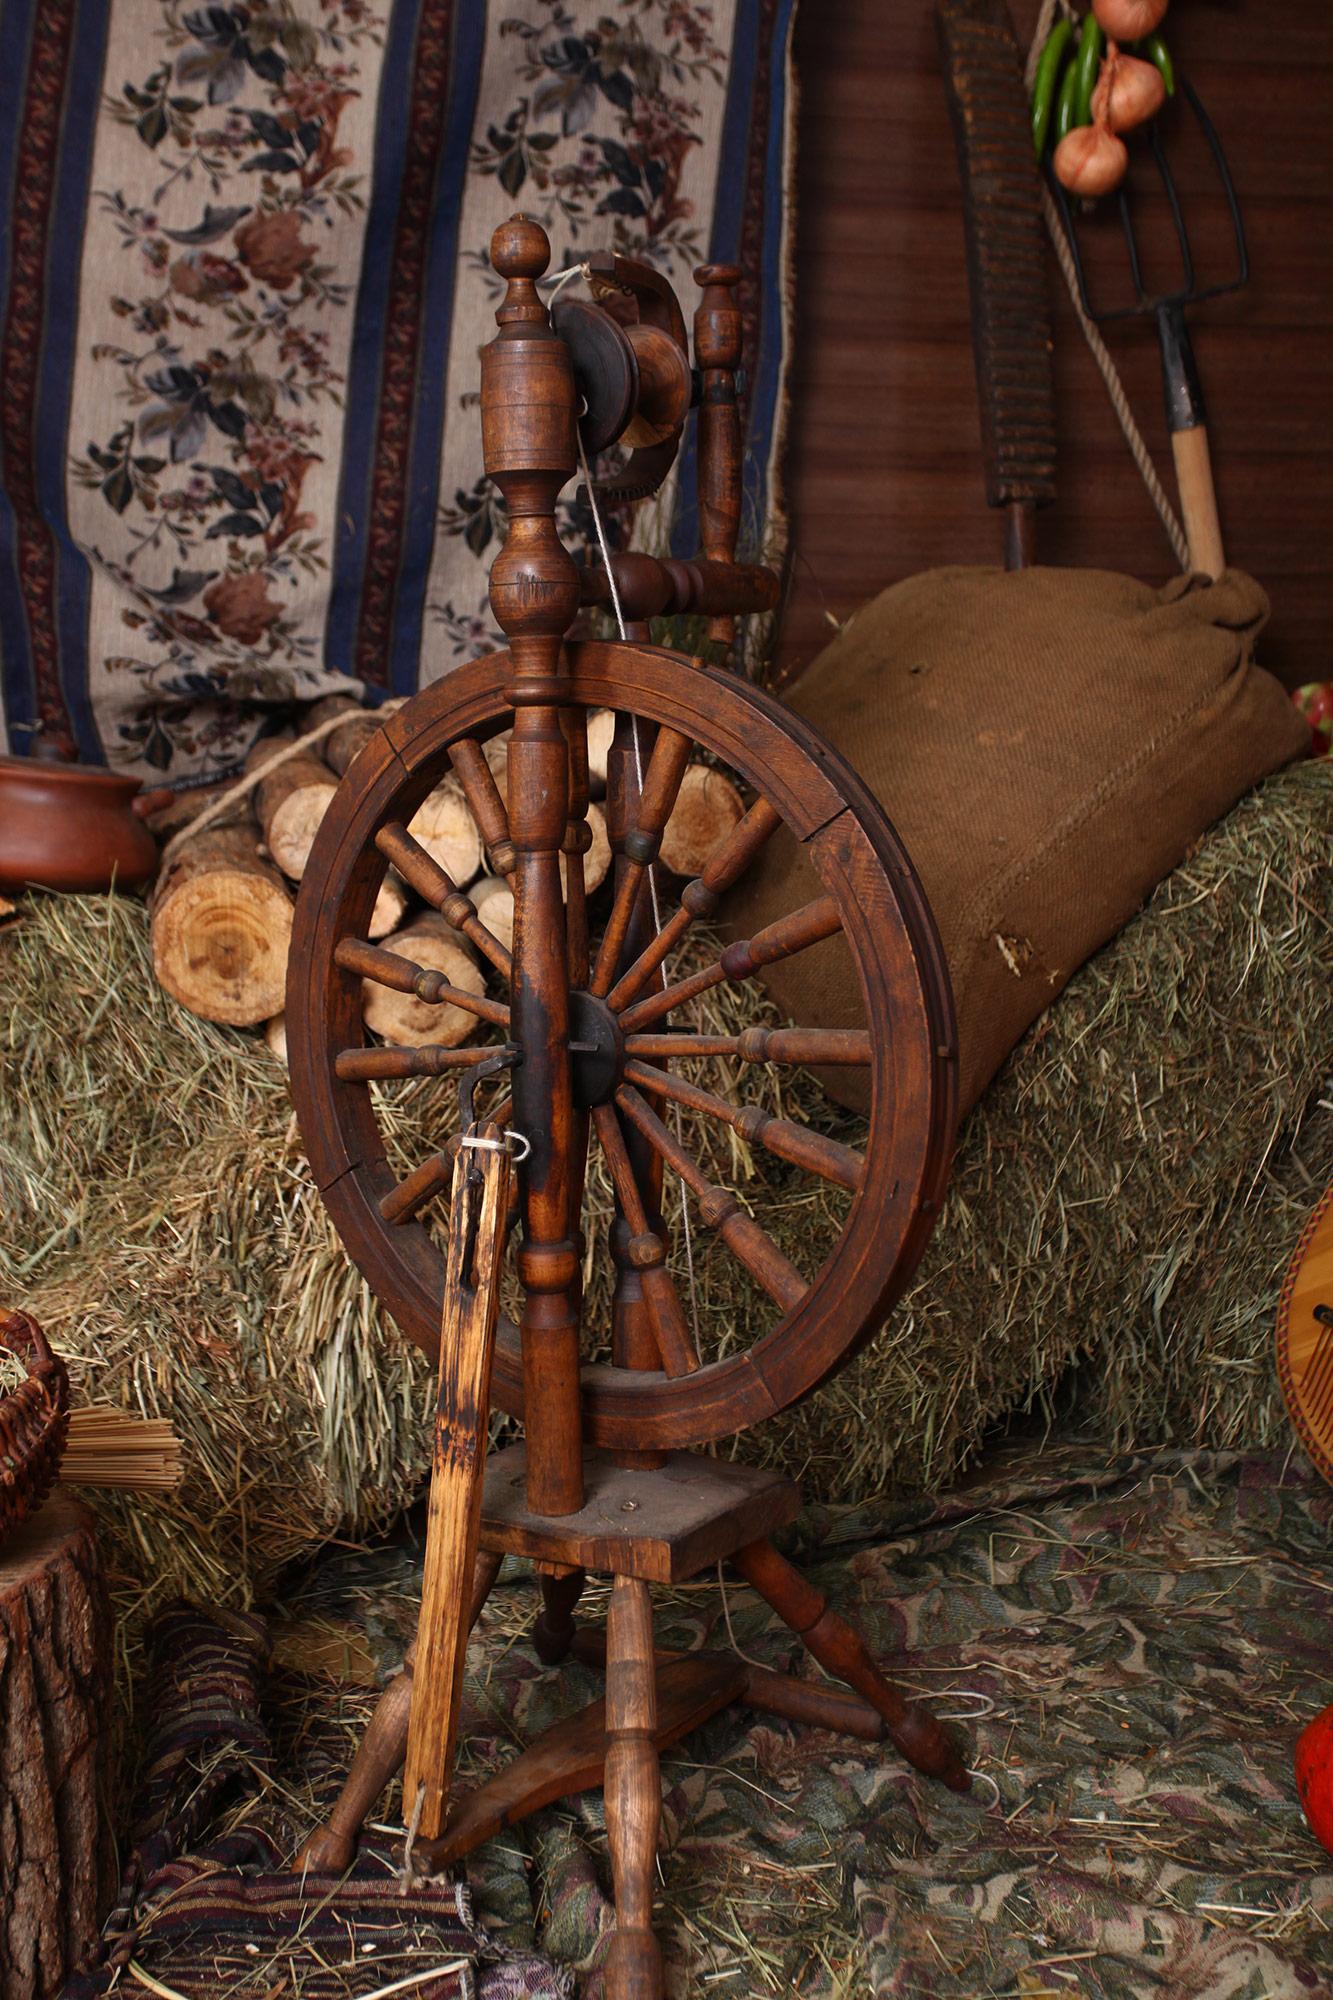 деревянный инвентарь для фотостудии на деревянном фоне